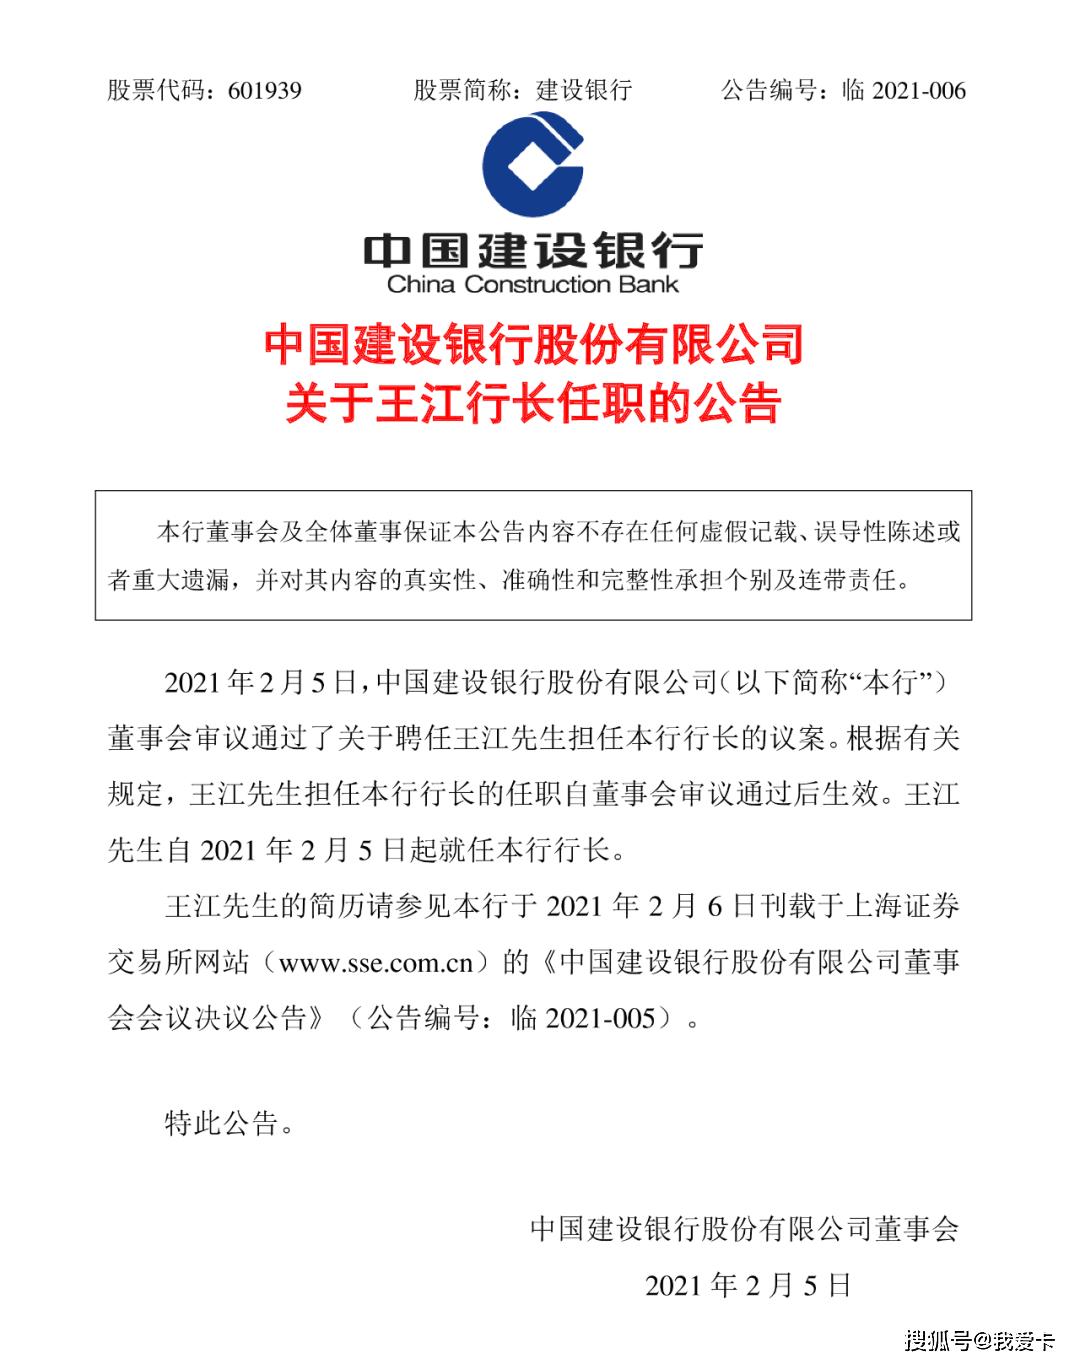 官方公告!中国银行原行长王江调任建行行长,担任江苏省副省长